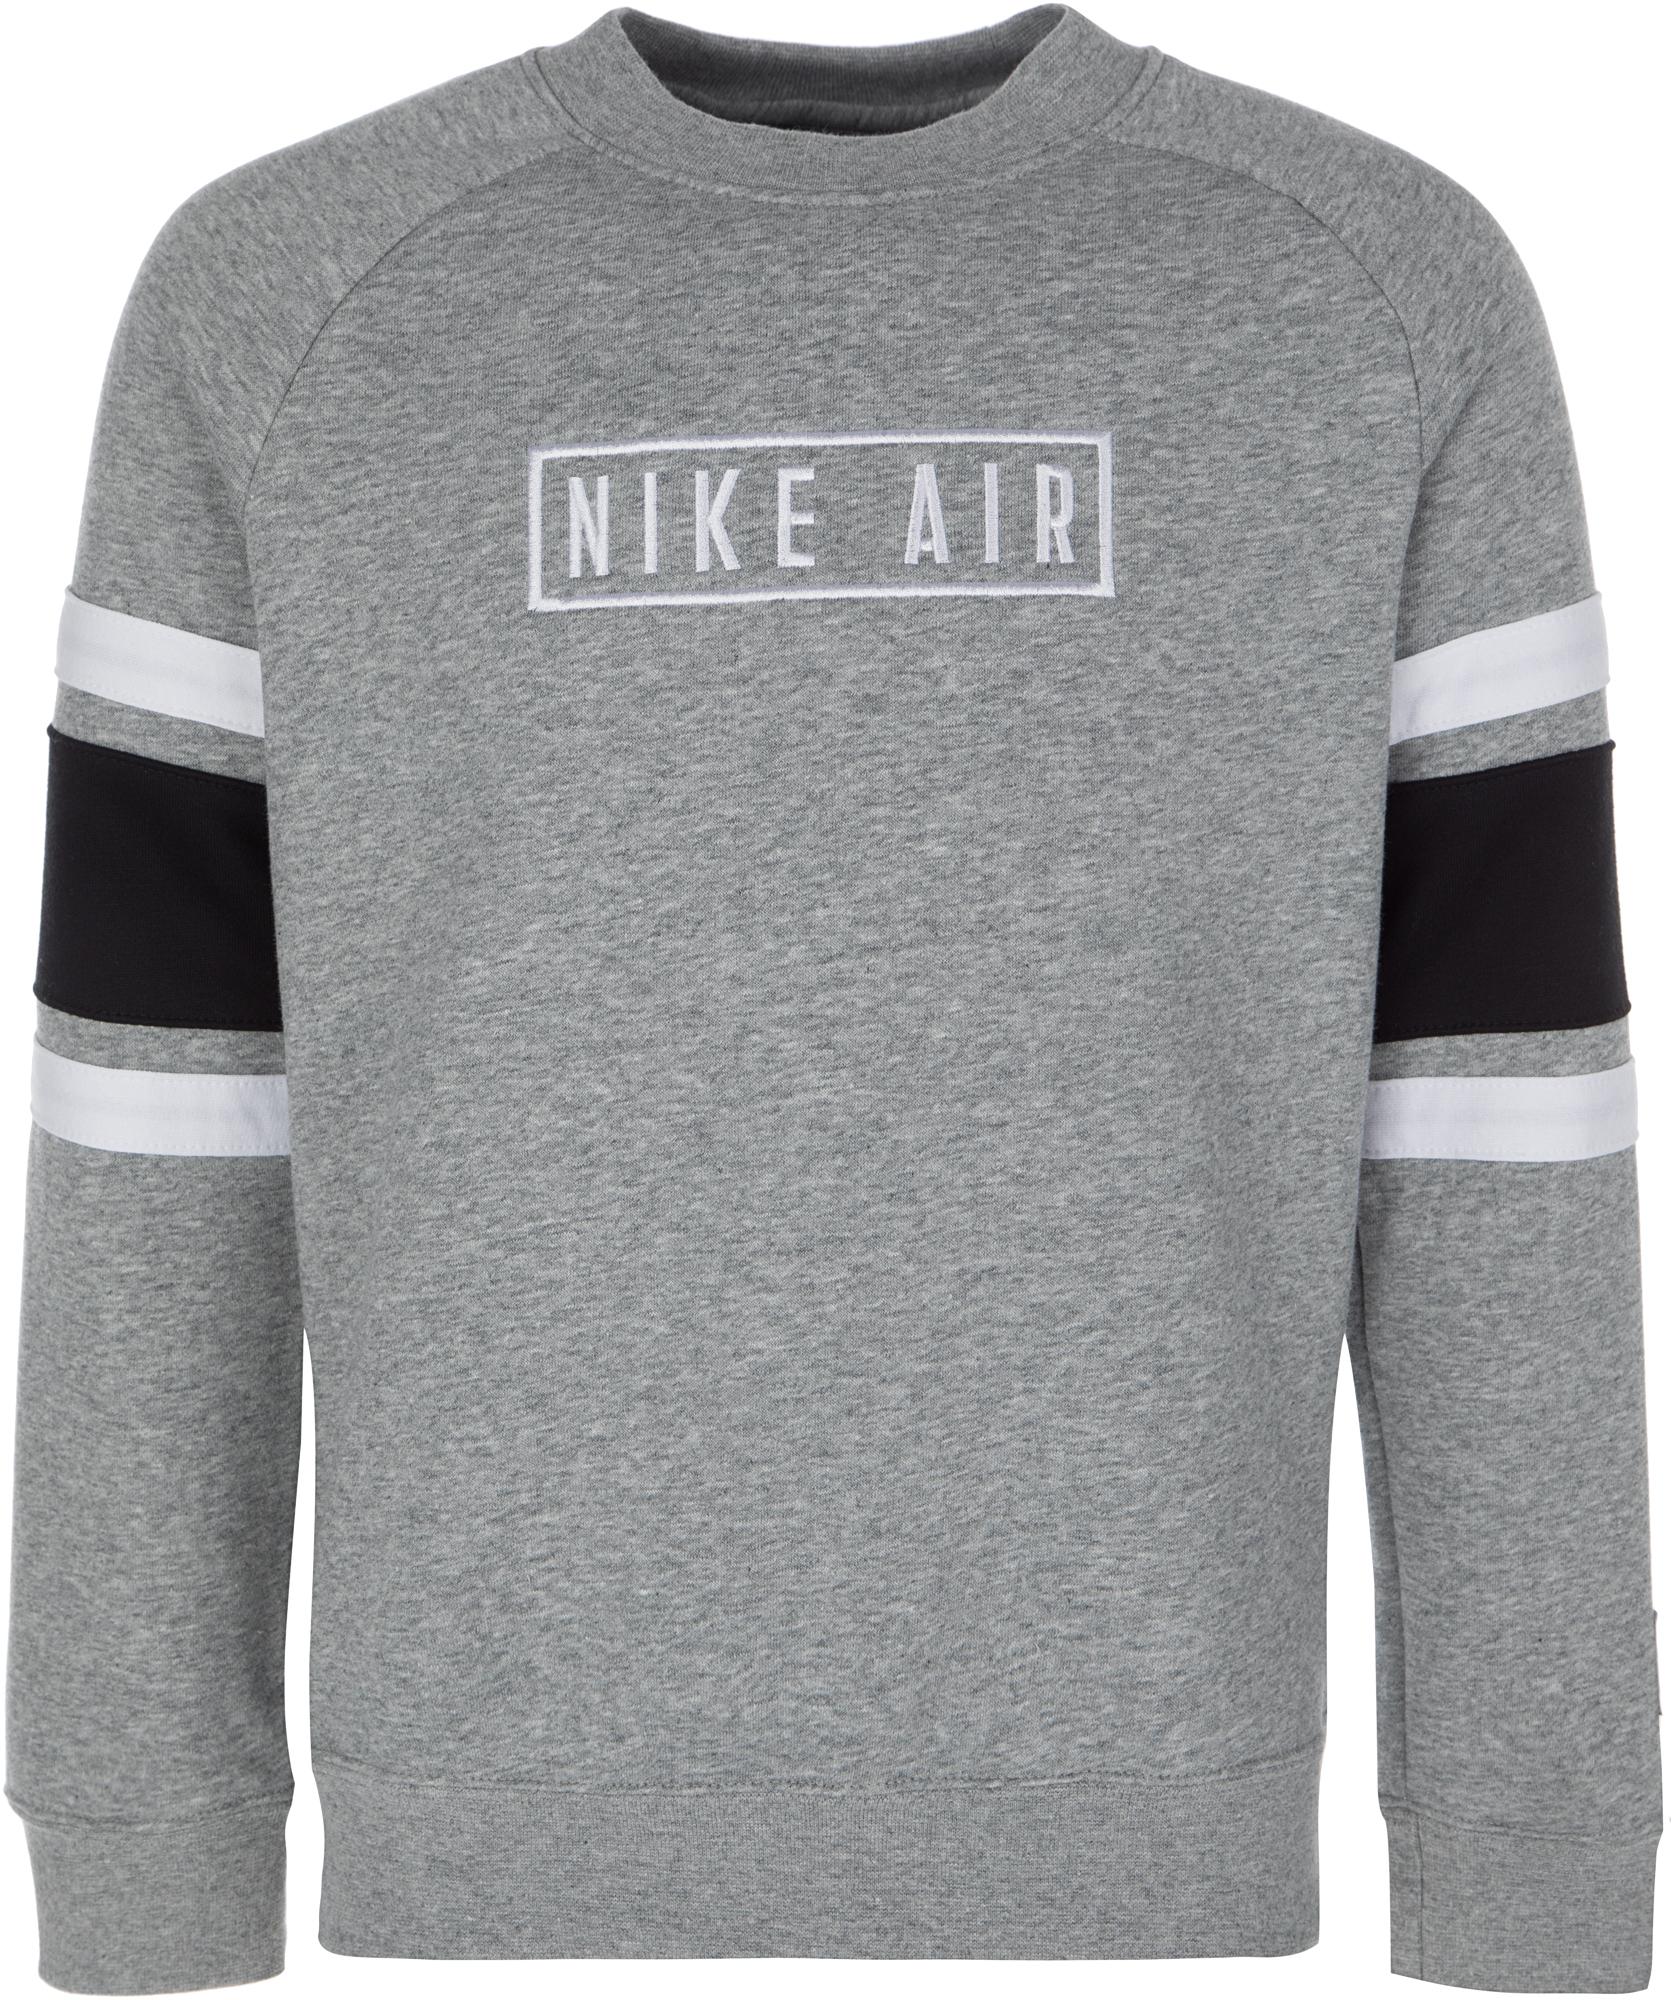 цены на Nike Свитшот для мальчиков Nike Air Crew, размер 158-170 в интернет-магазинах